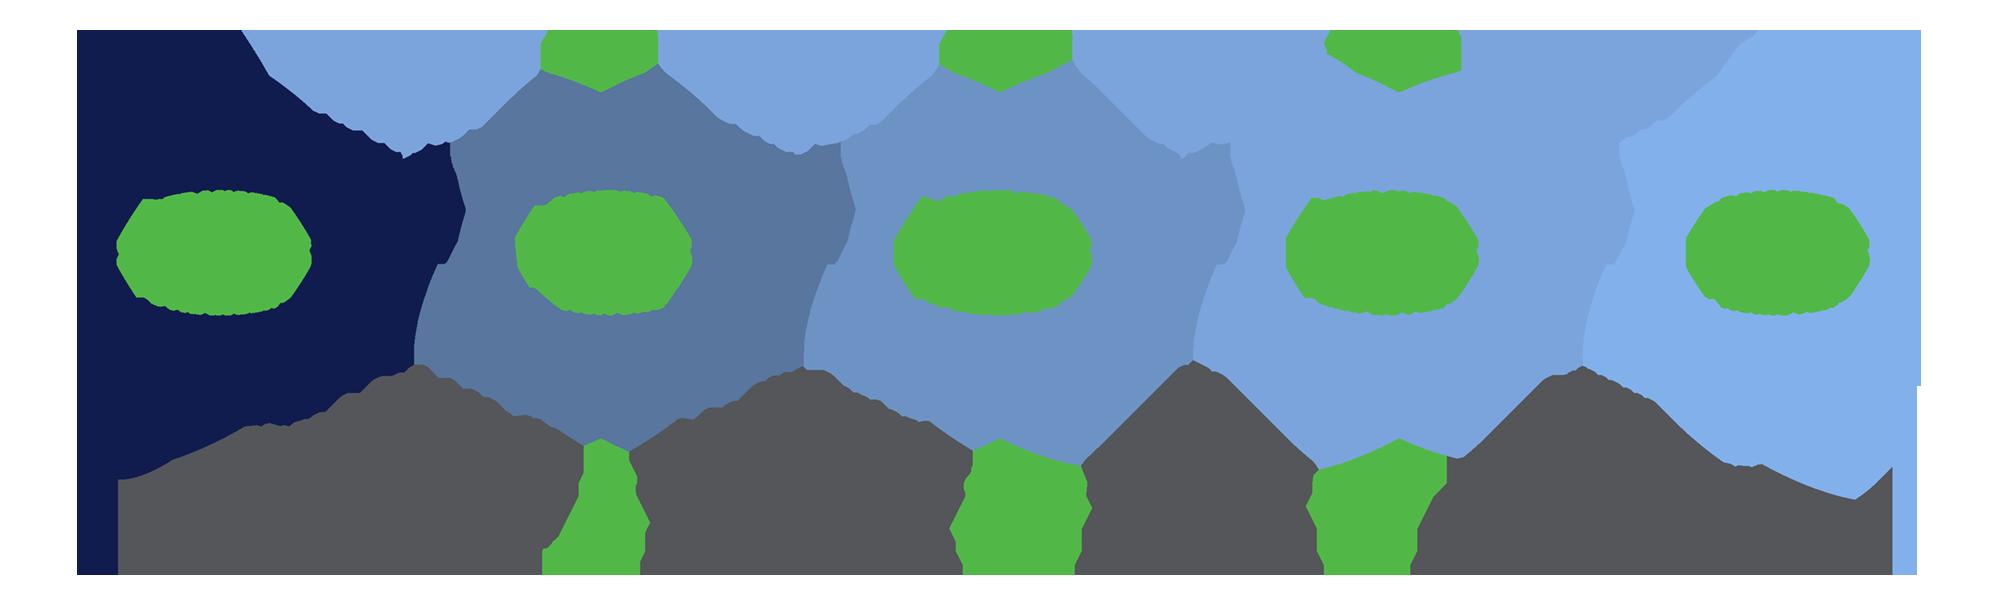 inbound_marketing_talent_infographic